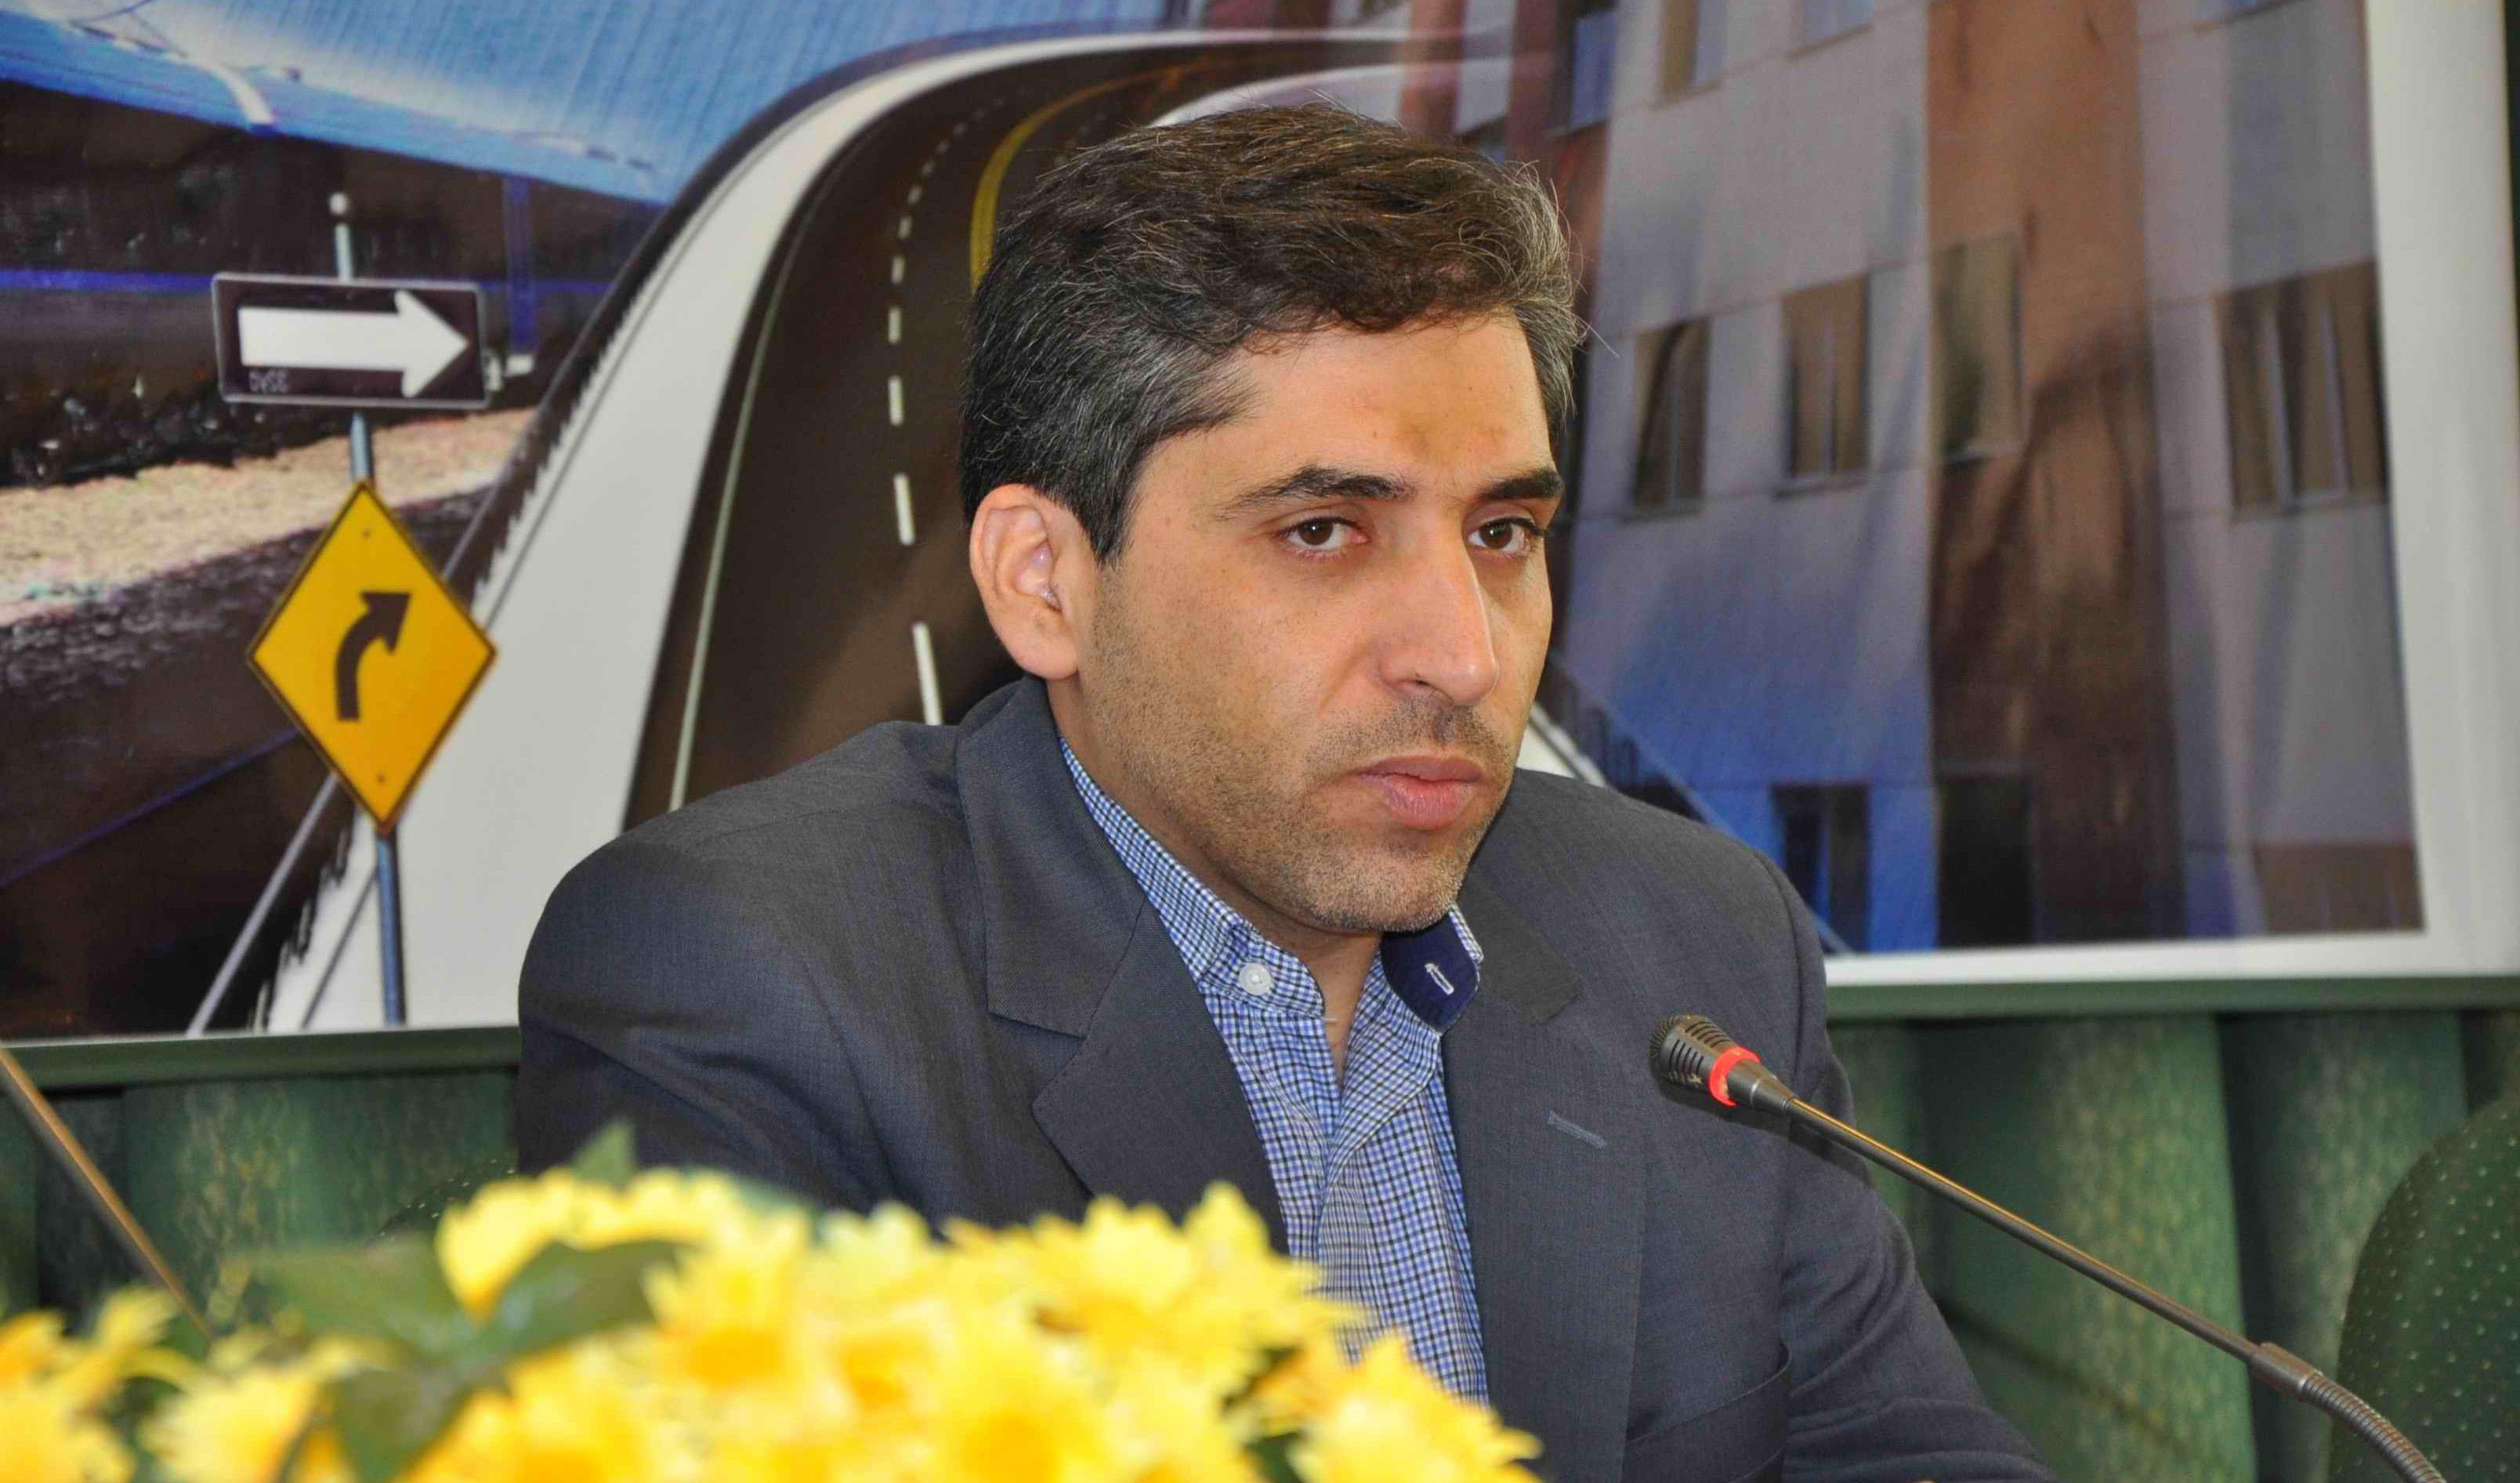 پیشنهاد وزارت راه و شهرسازی به ستاد ملی کرونا برای تمدید قرارداد مستاجران